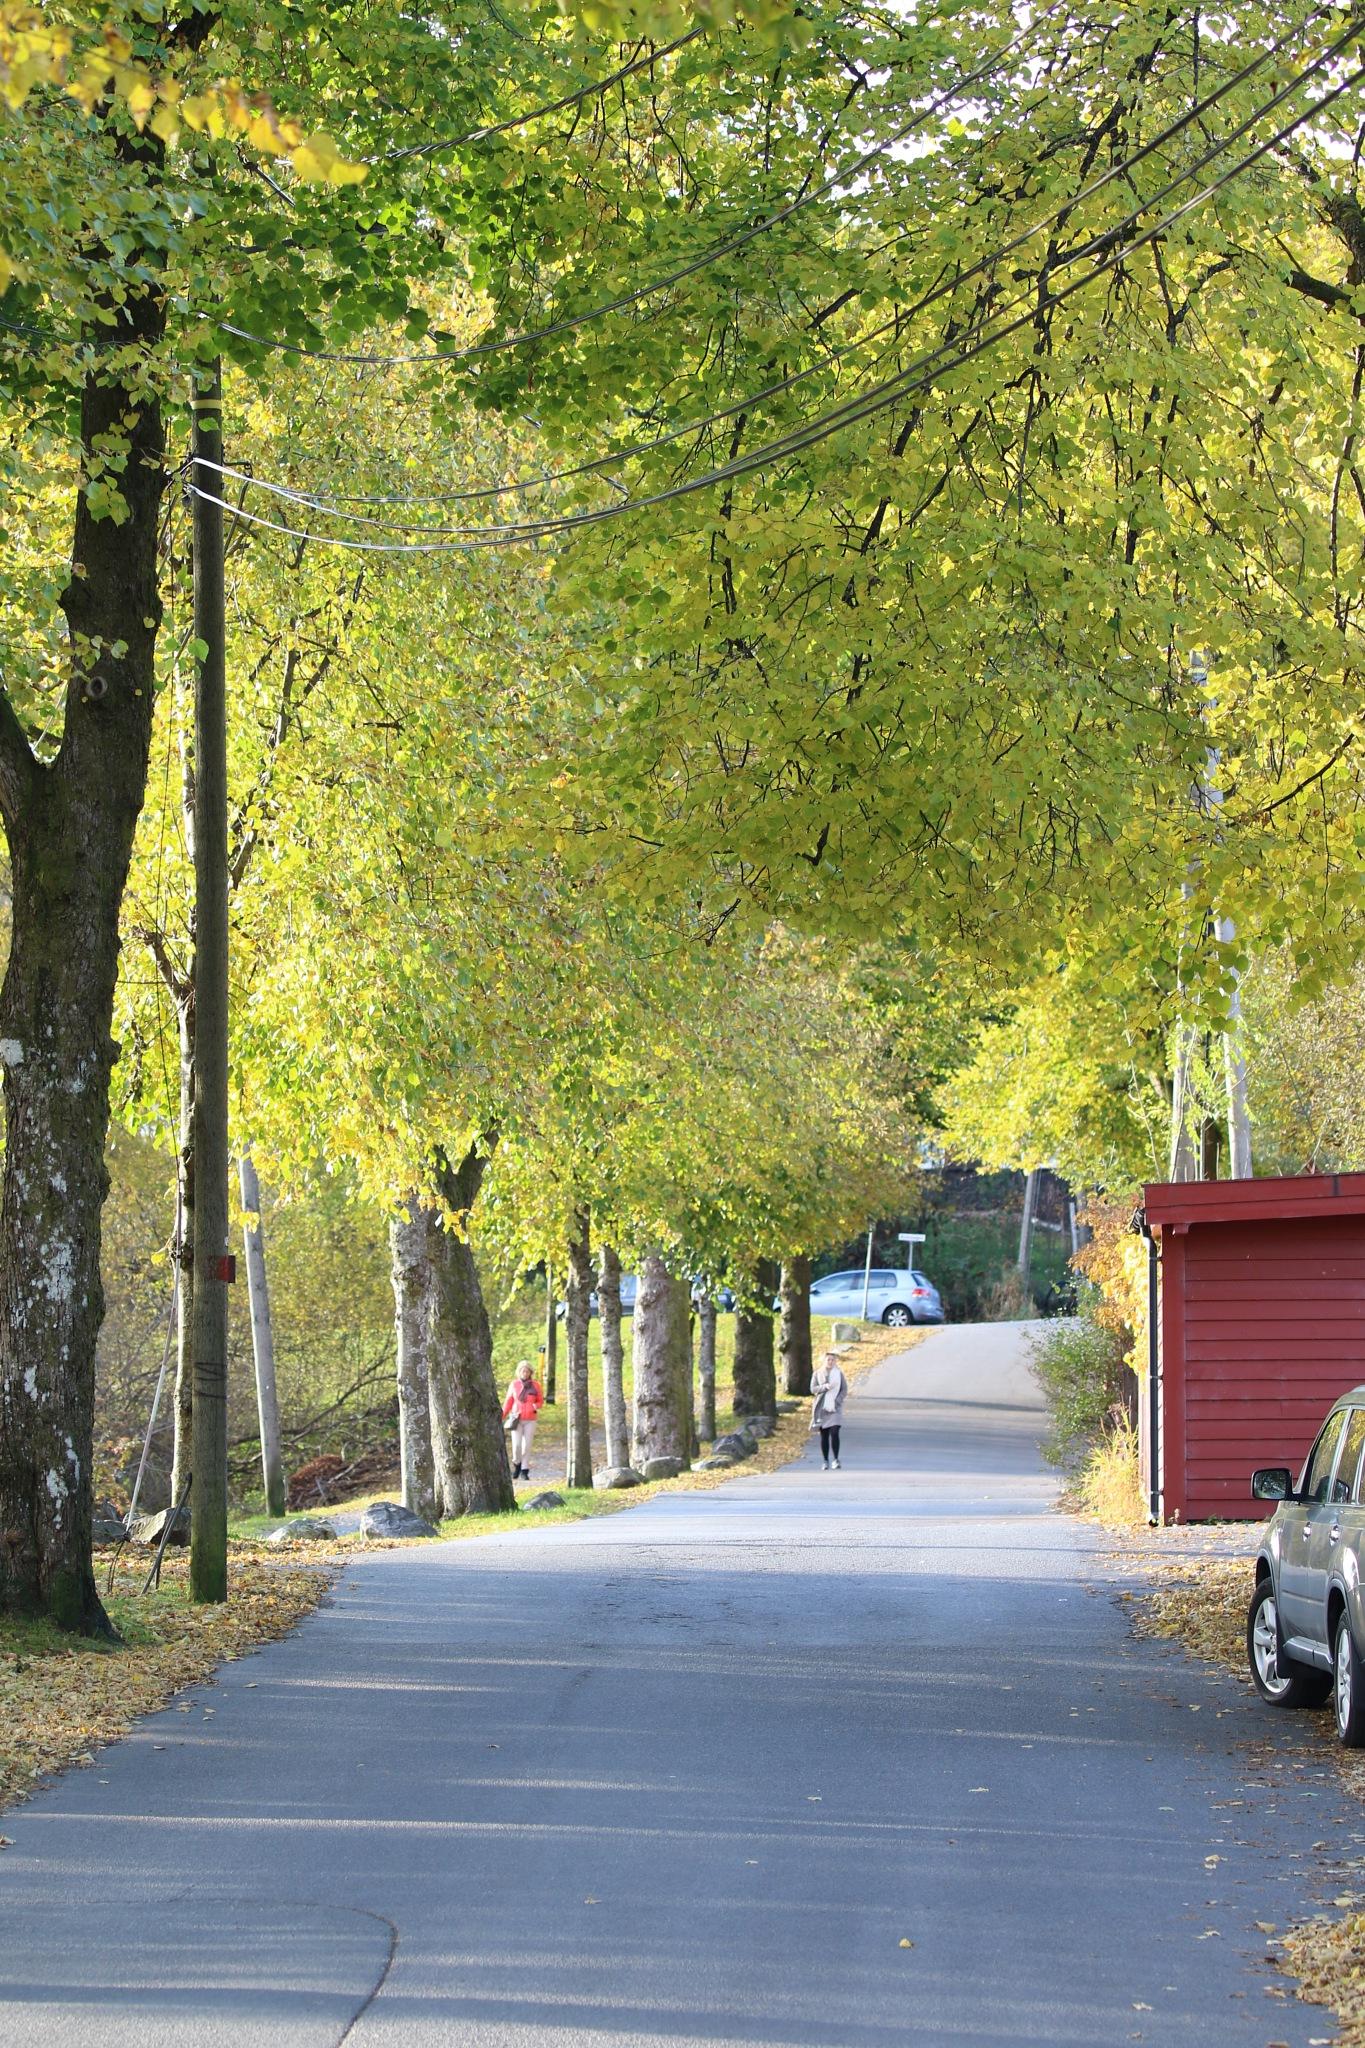 green in Autumn by Atilla Gunhan Photograpy